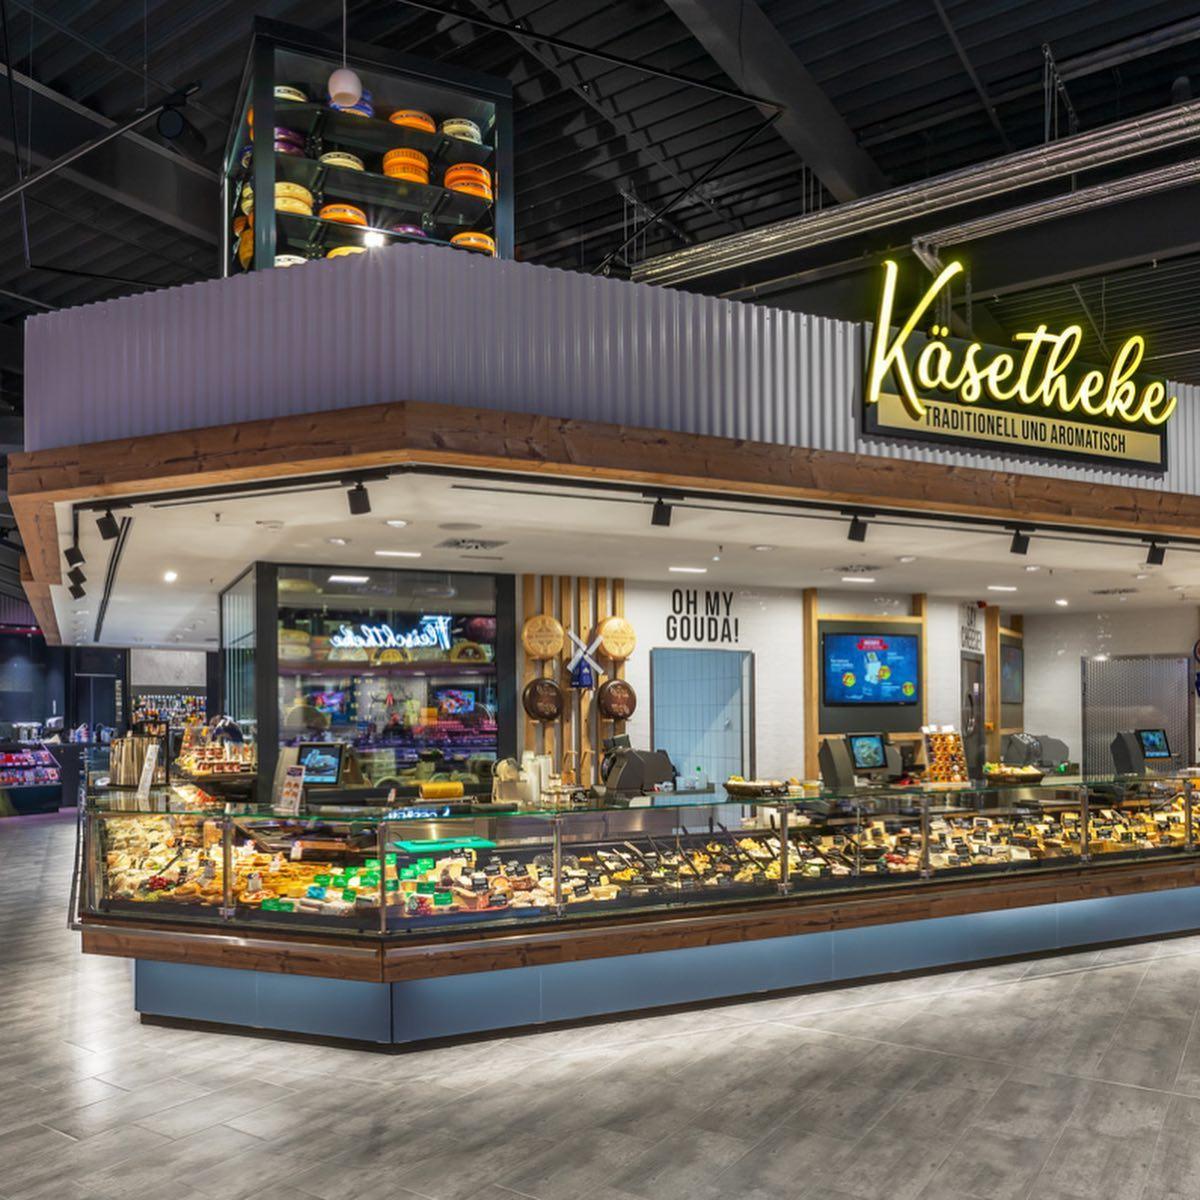 Als Resultat eines erfolgreichen Teamworks eröffnete 2020 in nur 9 Monaten Bauzeit nicht nur der mit ca. 5.400 m² Verkaufsfläche größte selbstständig geführte EDEKA-Markt Schleswig-Holsteins, sondern ebenso ein zukunftsweisender Markt mit Wiedererkennungswert, der Einkaufen zum Erlebnis macht. Basierend auf der Idee eines Marktplatzes wird der Fokus auf Frische gelenkt. Hochbauliche Einbauten wie ein 2-geschoßiger Gastronomieblock, ein Fisch-Käse-Tresen, Deckenkoffer oder auch die eingestellten, raumhohen Wände strukturieren die Ladenfläche und schaffen ein Raumerlebnis. Mehr zu diesem Projekt erfahrt ihr auf unserer Homepage. Den Link findet ihr in unserer Bio. FOTOS: @3komma3